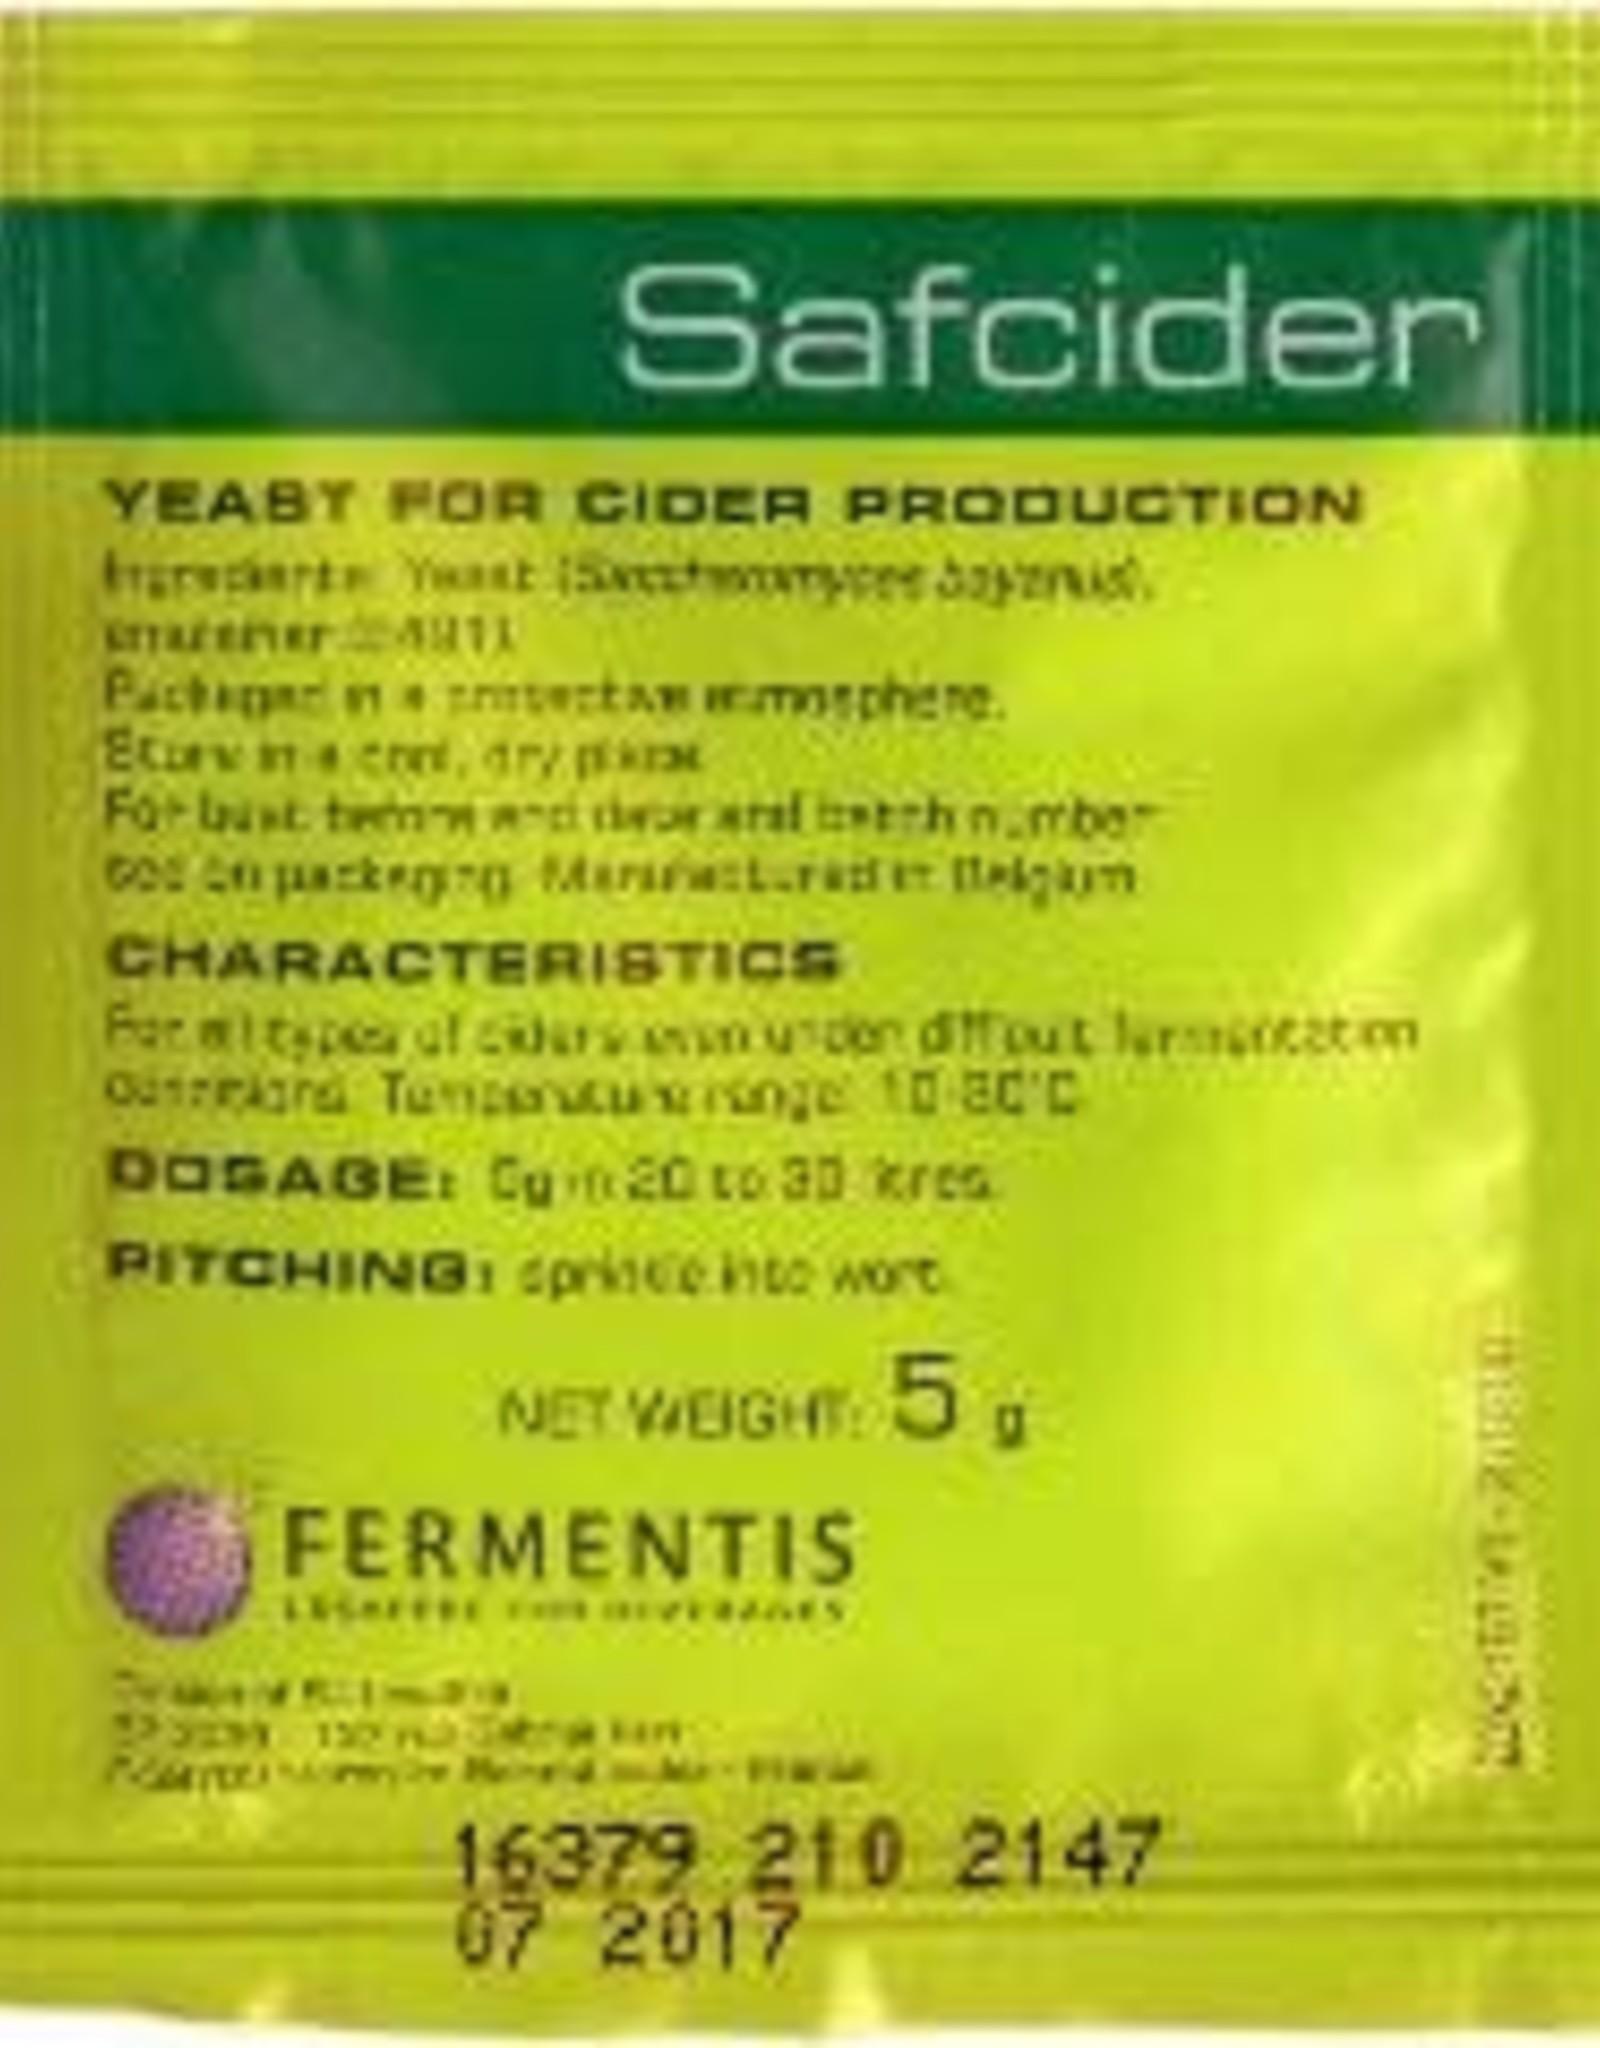 FERMENTIS SAFCIDER YEAST